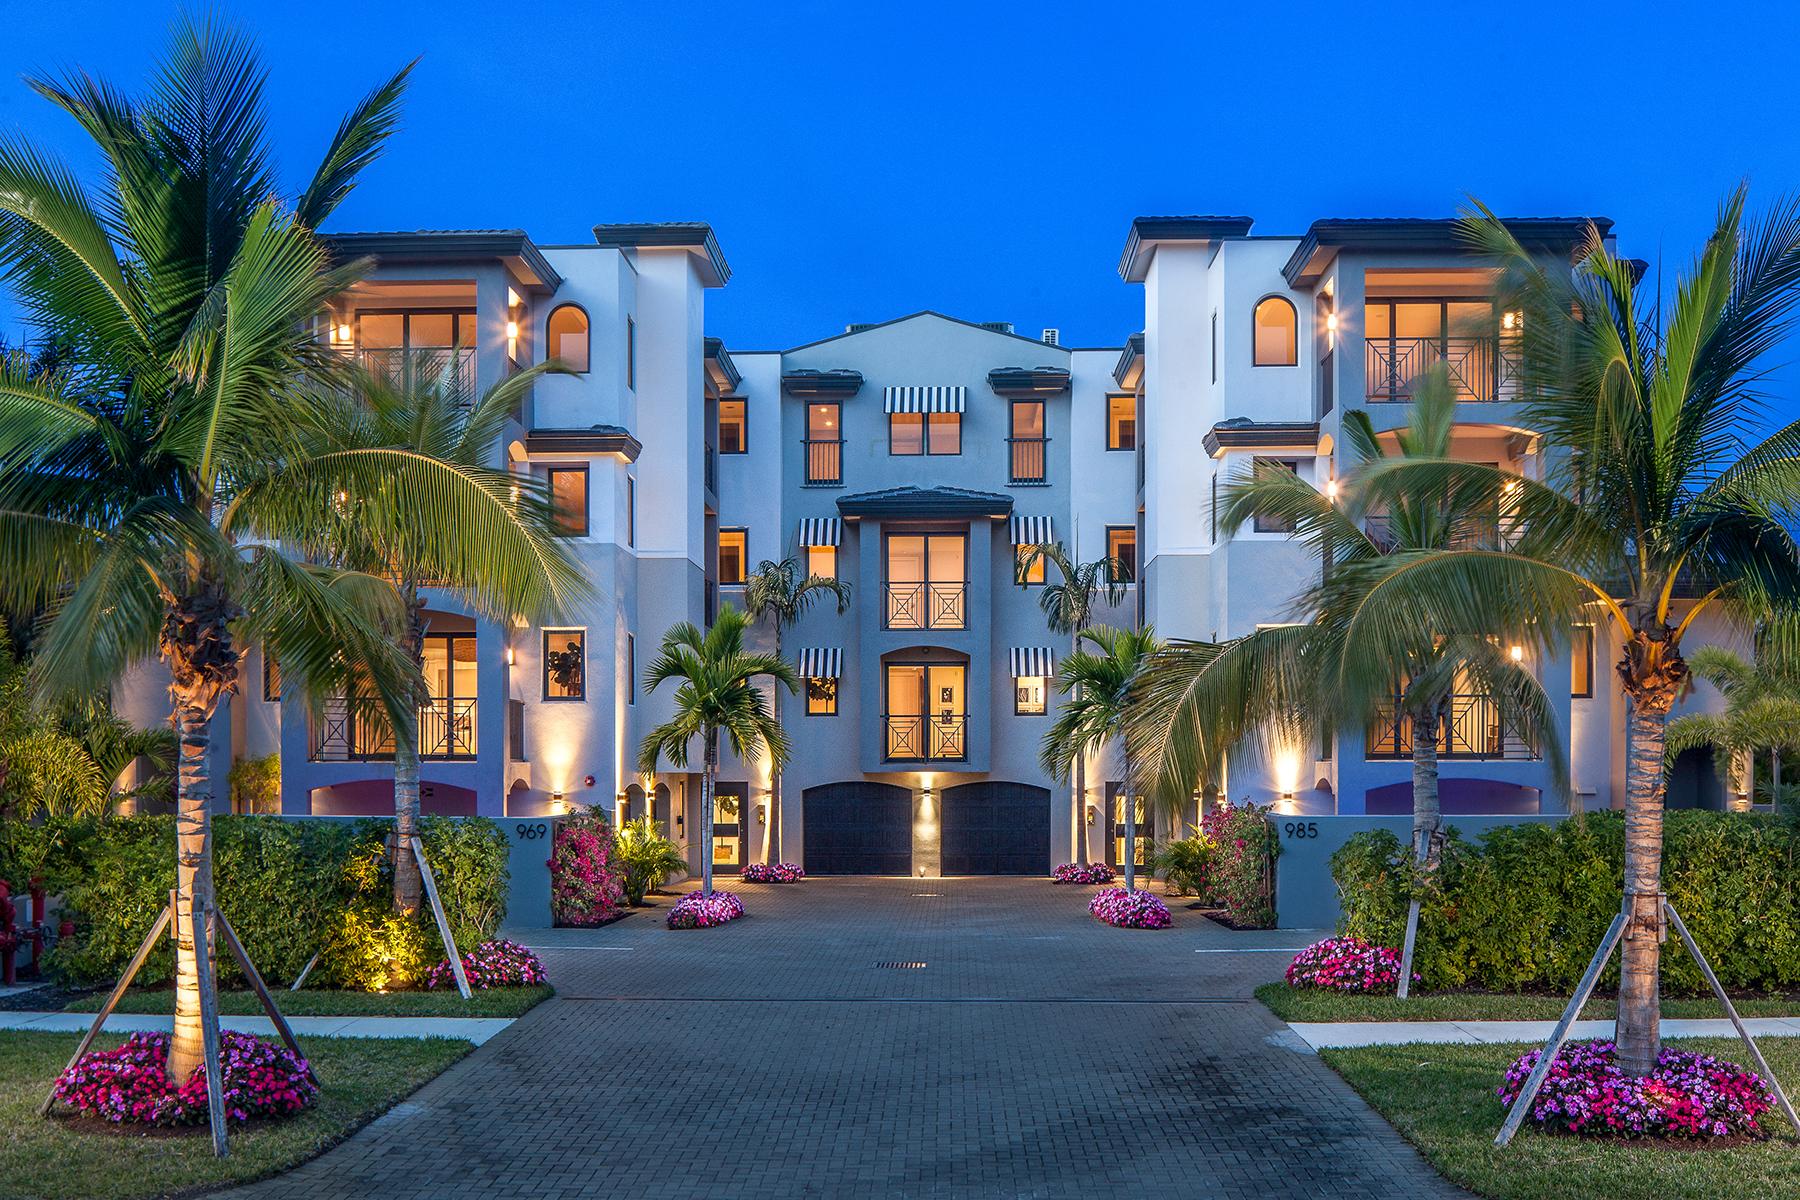 Condominium for Sale at ESMERALDA ON EIGHTH 985 8th Ave S 102, Naples, Florida 34102 United States